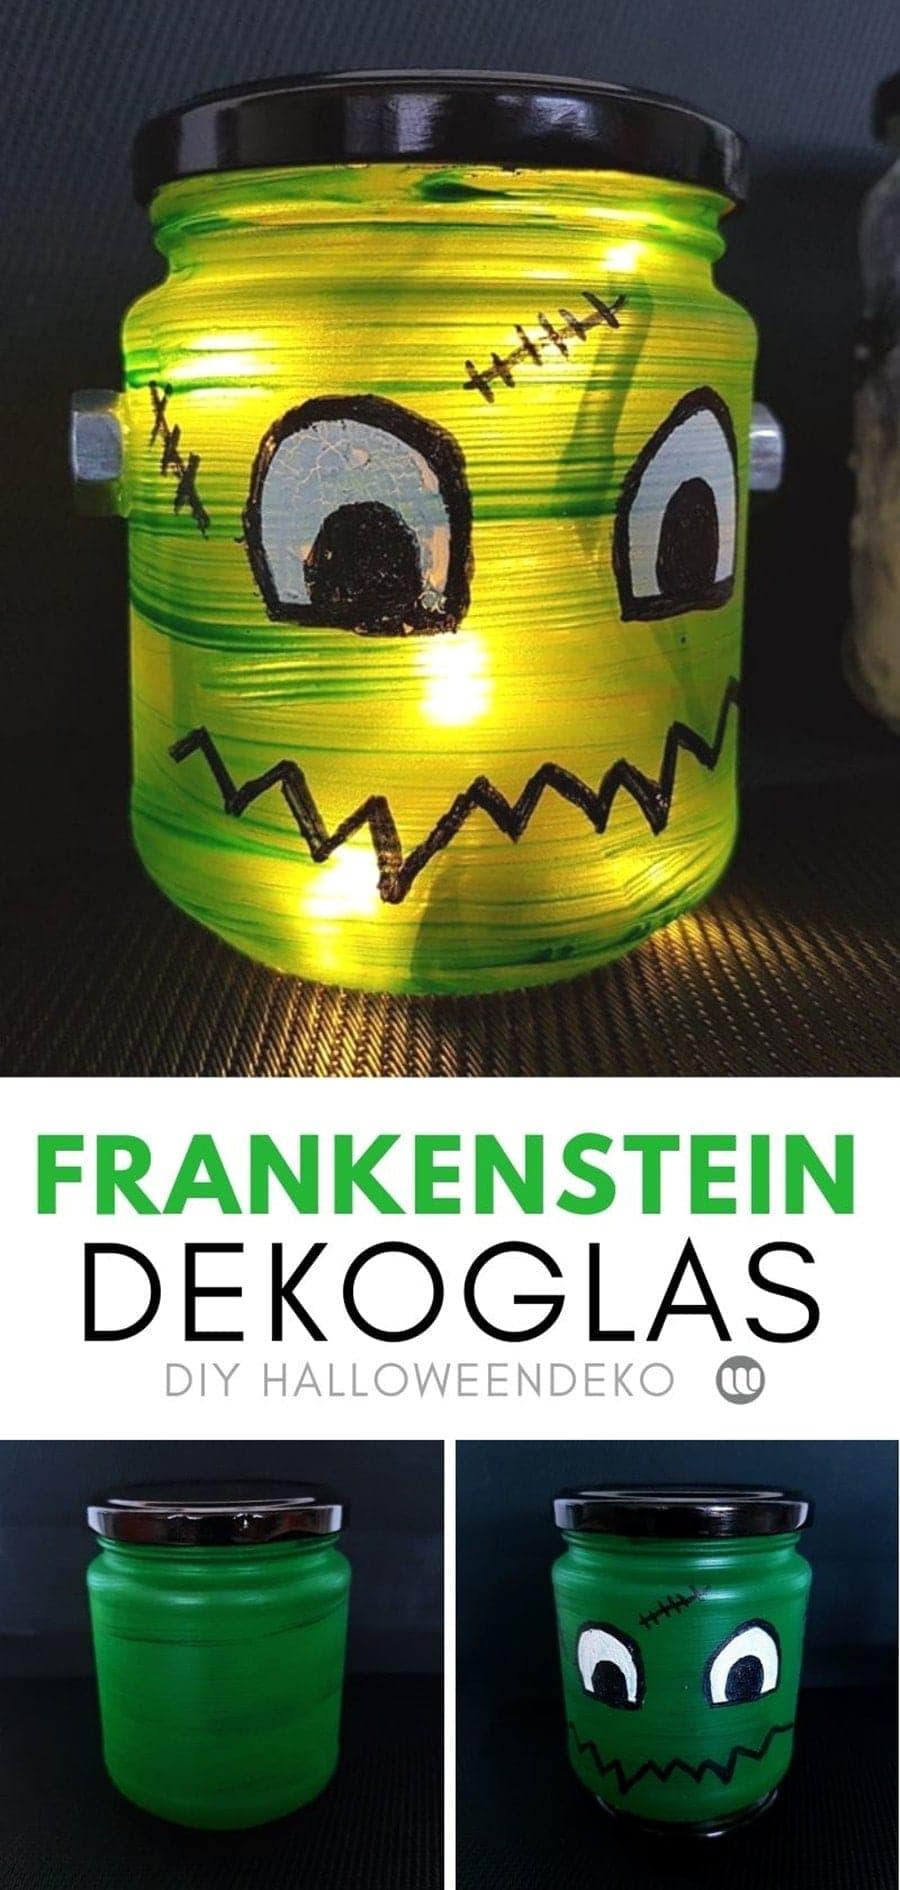 DasFrankensteins MonsterWindlicht: Niedliche Kinder Halloweendeko, garantiert nicht beängstigend. ✂️ Frankenstein Dekoglas Bastelanleitung